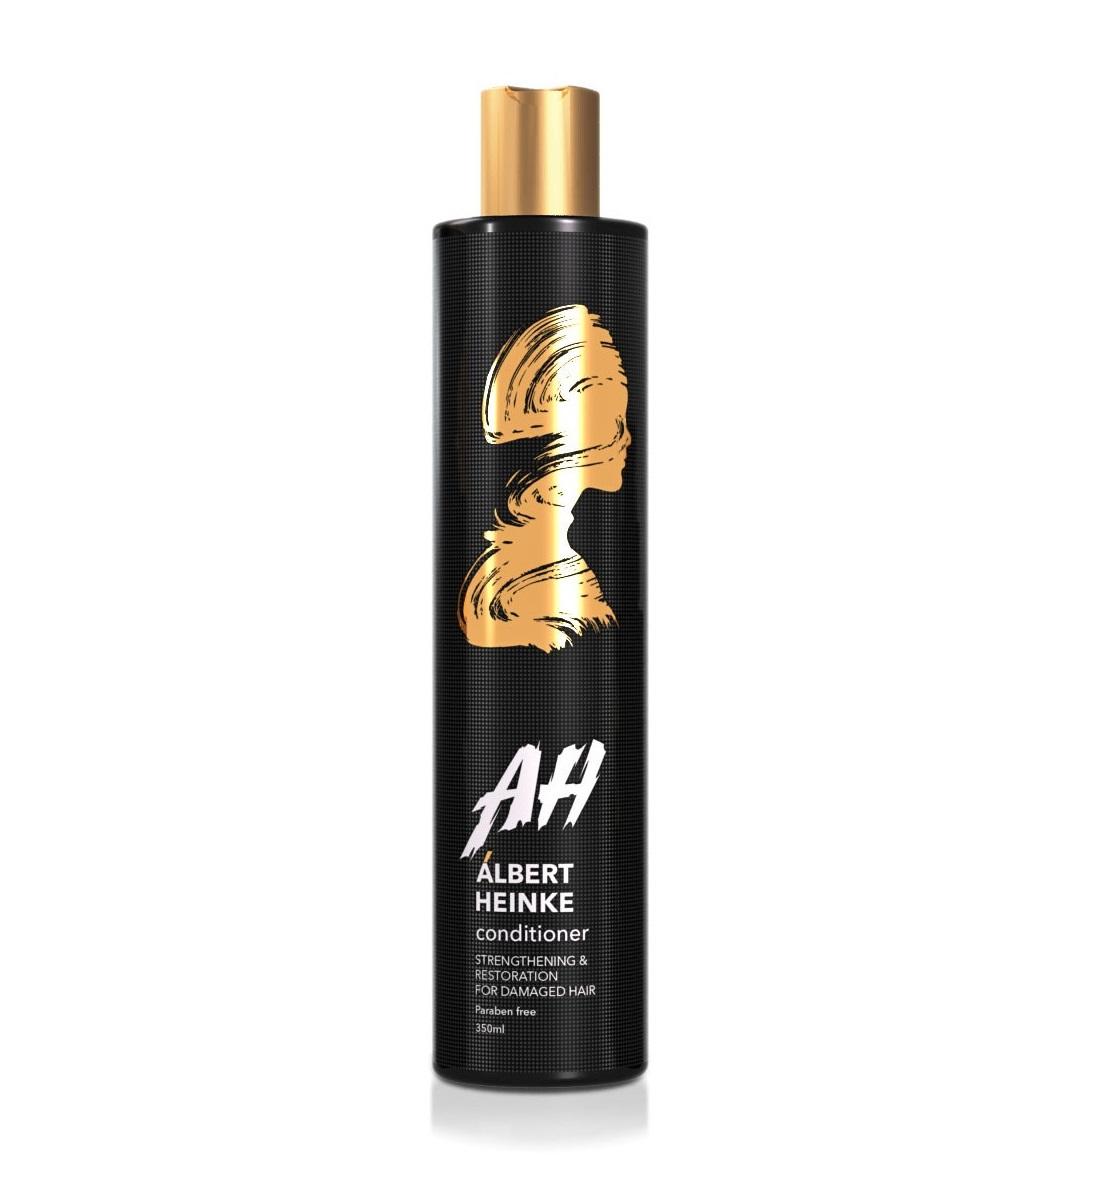 EGOMANIA Кондиционер для восстановления и укрепления поврежденных волос / ALBERT HEINKE 350 мл